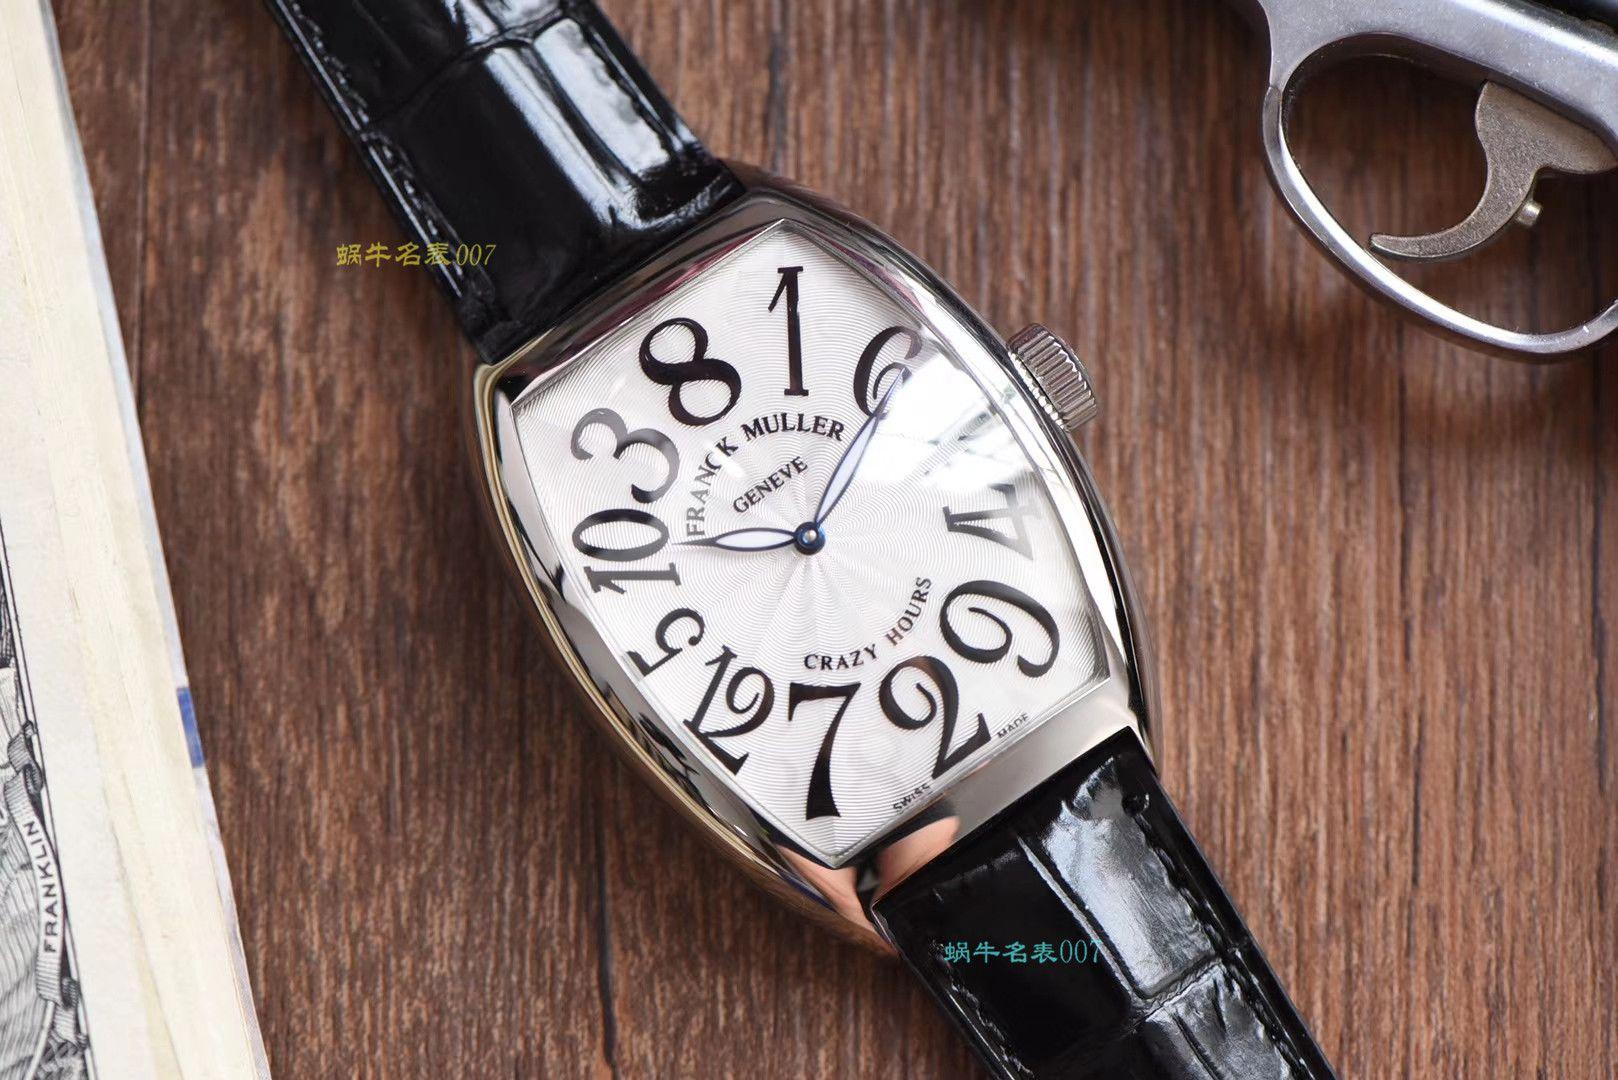 【台湾厂一比一高仿法穆兰手表】法兰克米勒CRAZY HOURS 系列8880 CH腕表